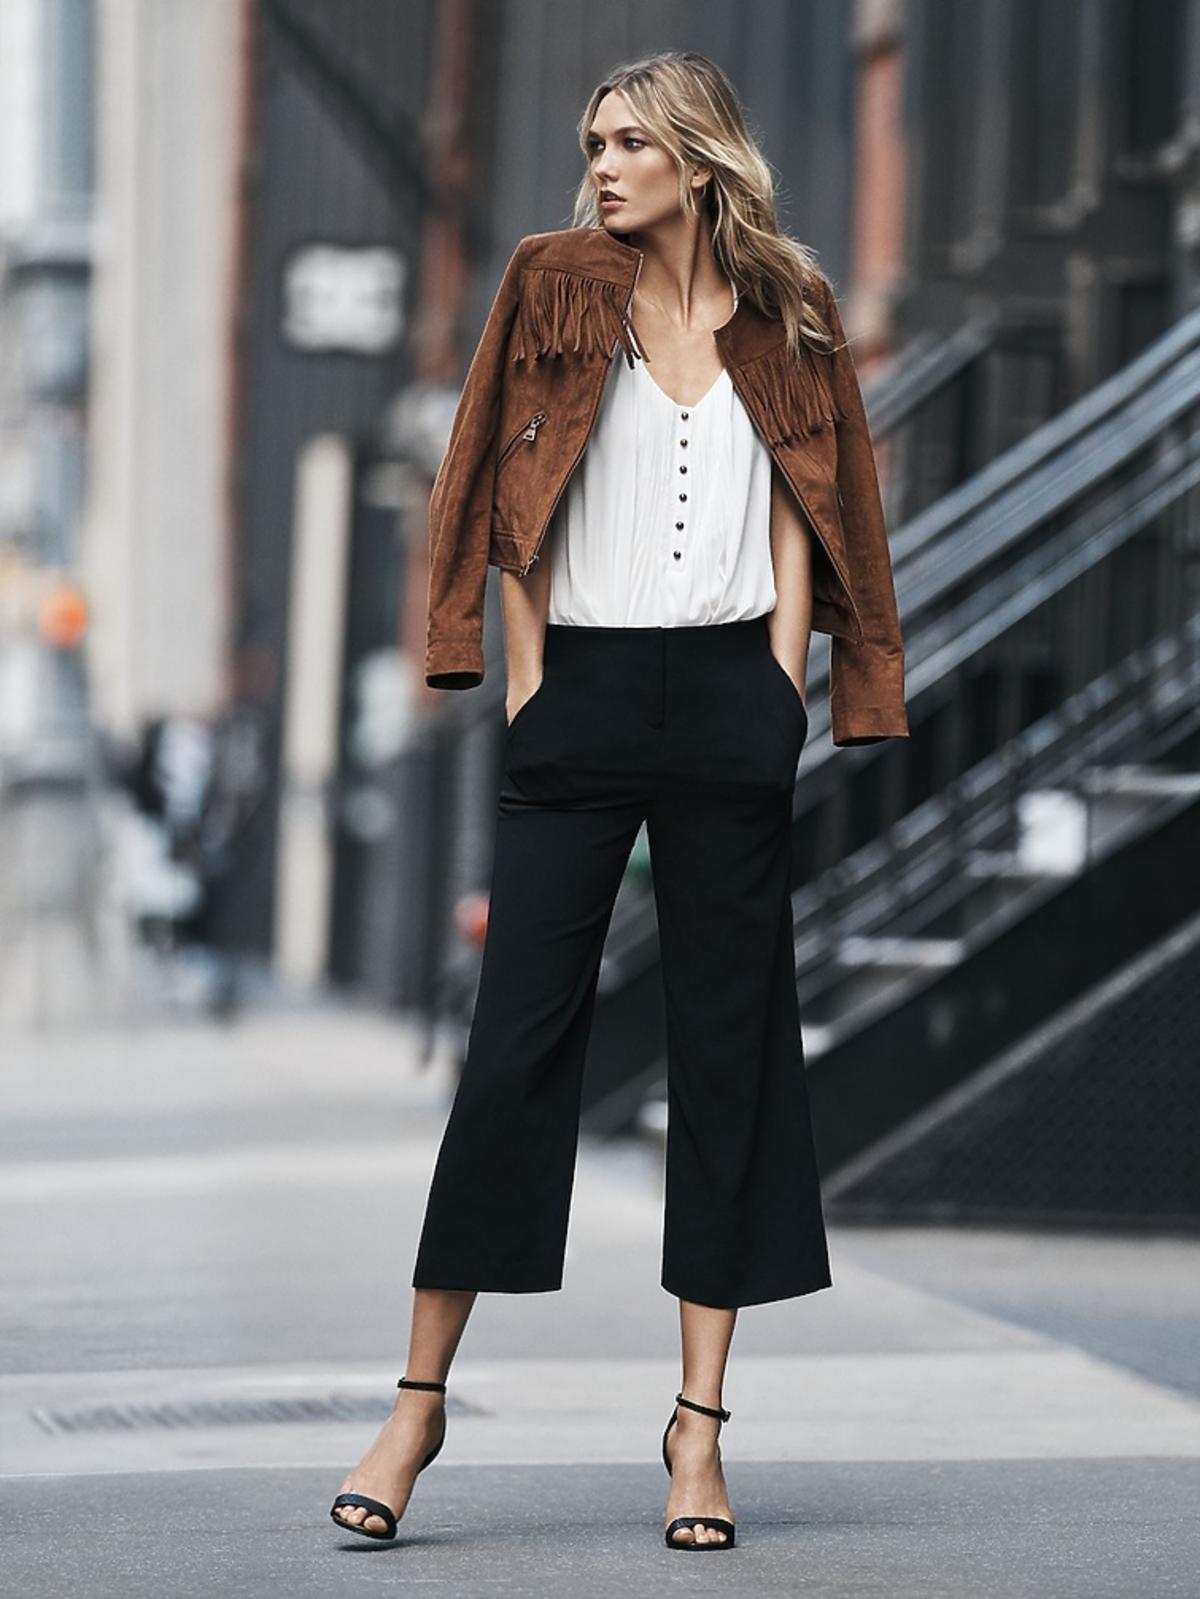 Modna stylizacja Karlie Kloss z zamszową kurtką, czarnymi spodniami culottes i sandałkami z pasków